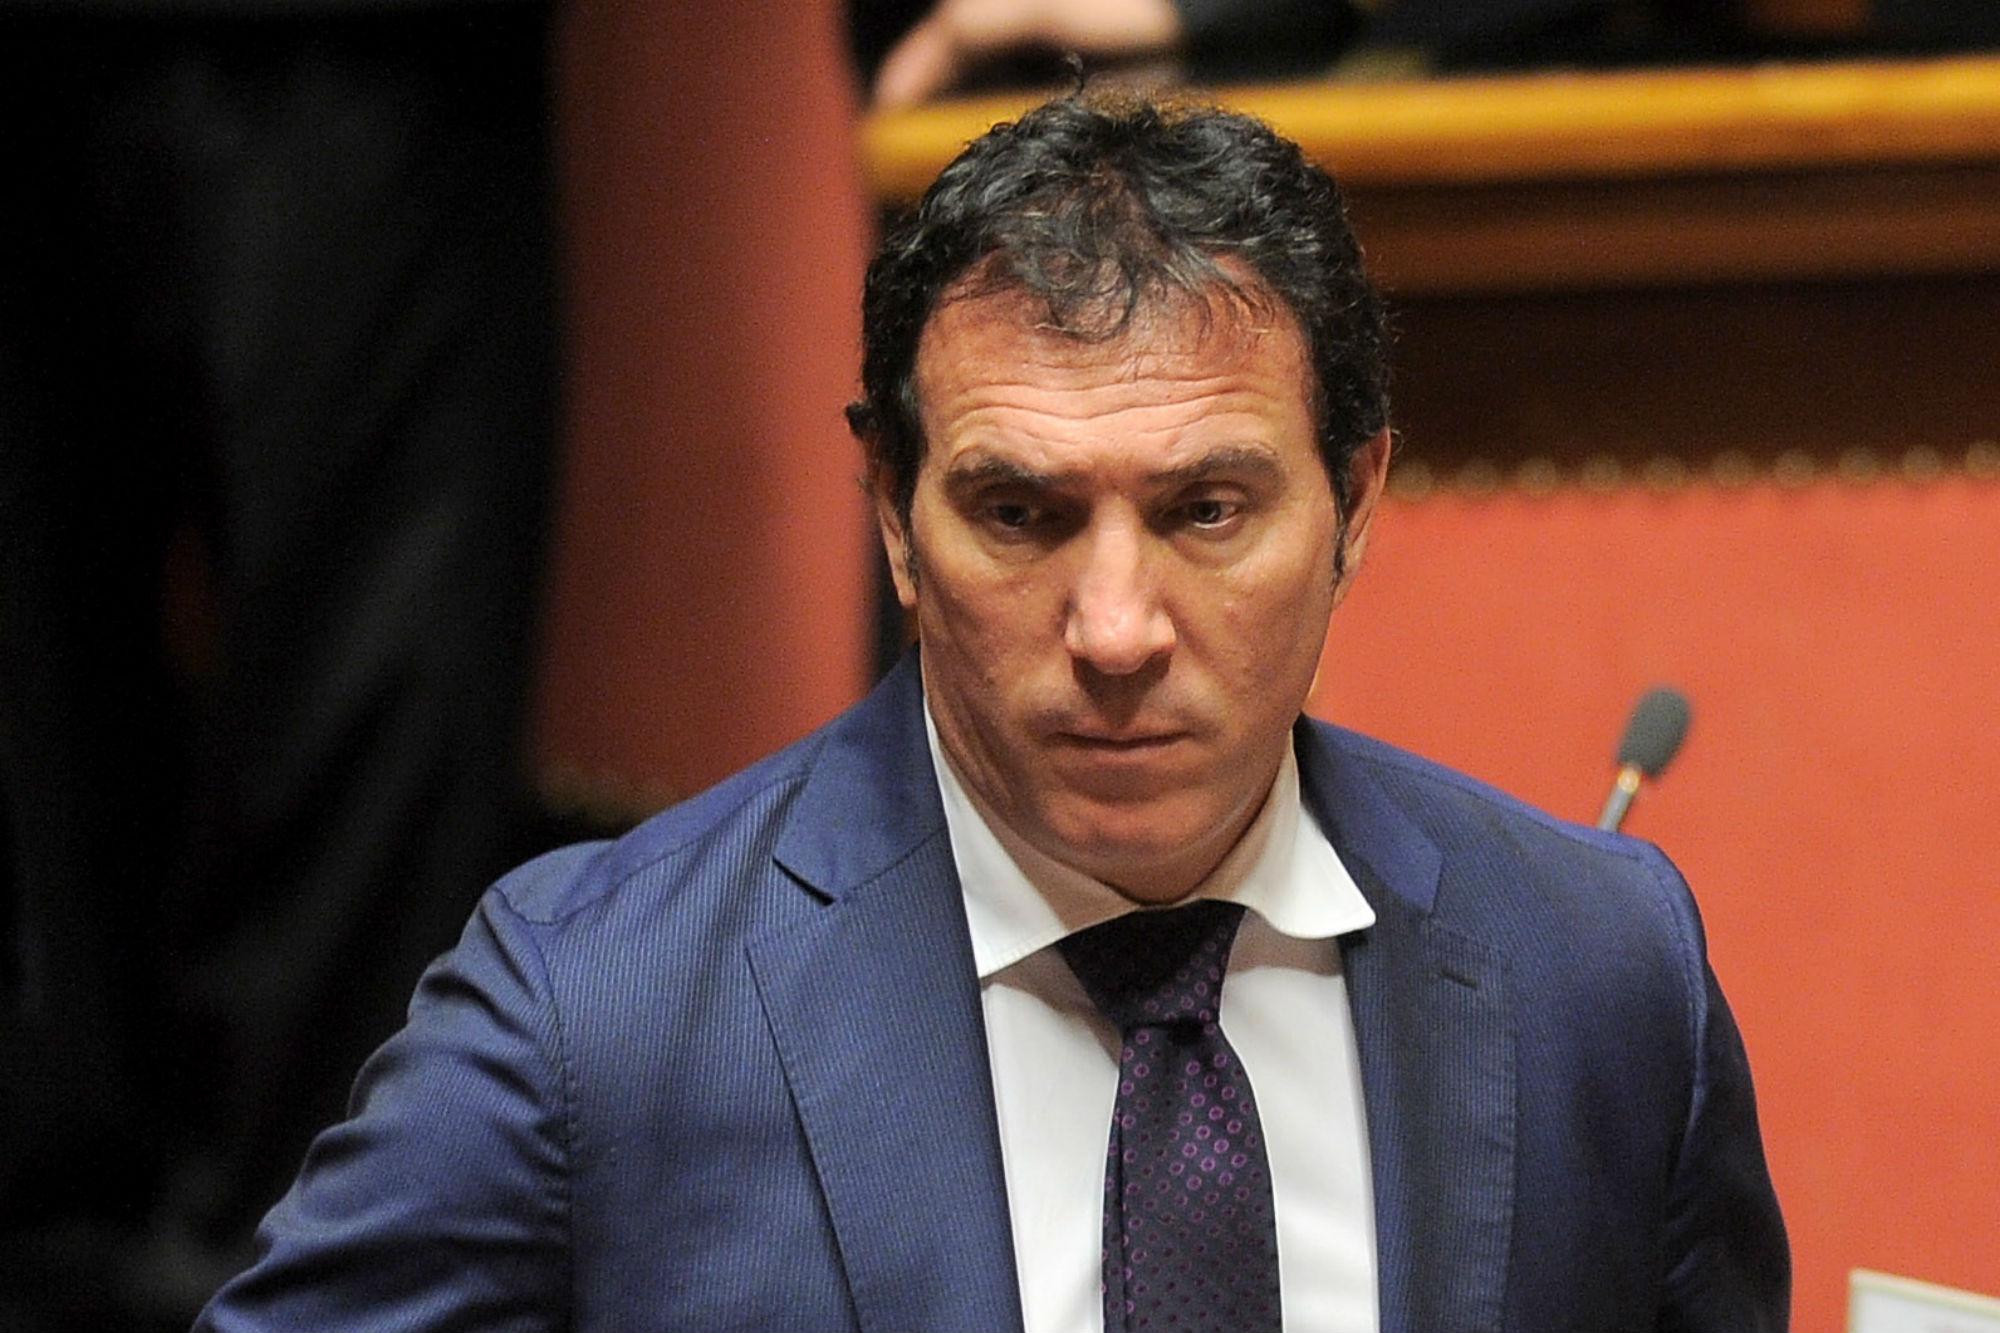 Bari, Noi con Salvini esprime disappunto e sconcerto per trattamento riservato al Senatore Massimo Cassano